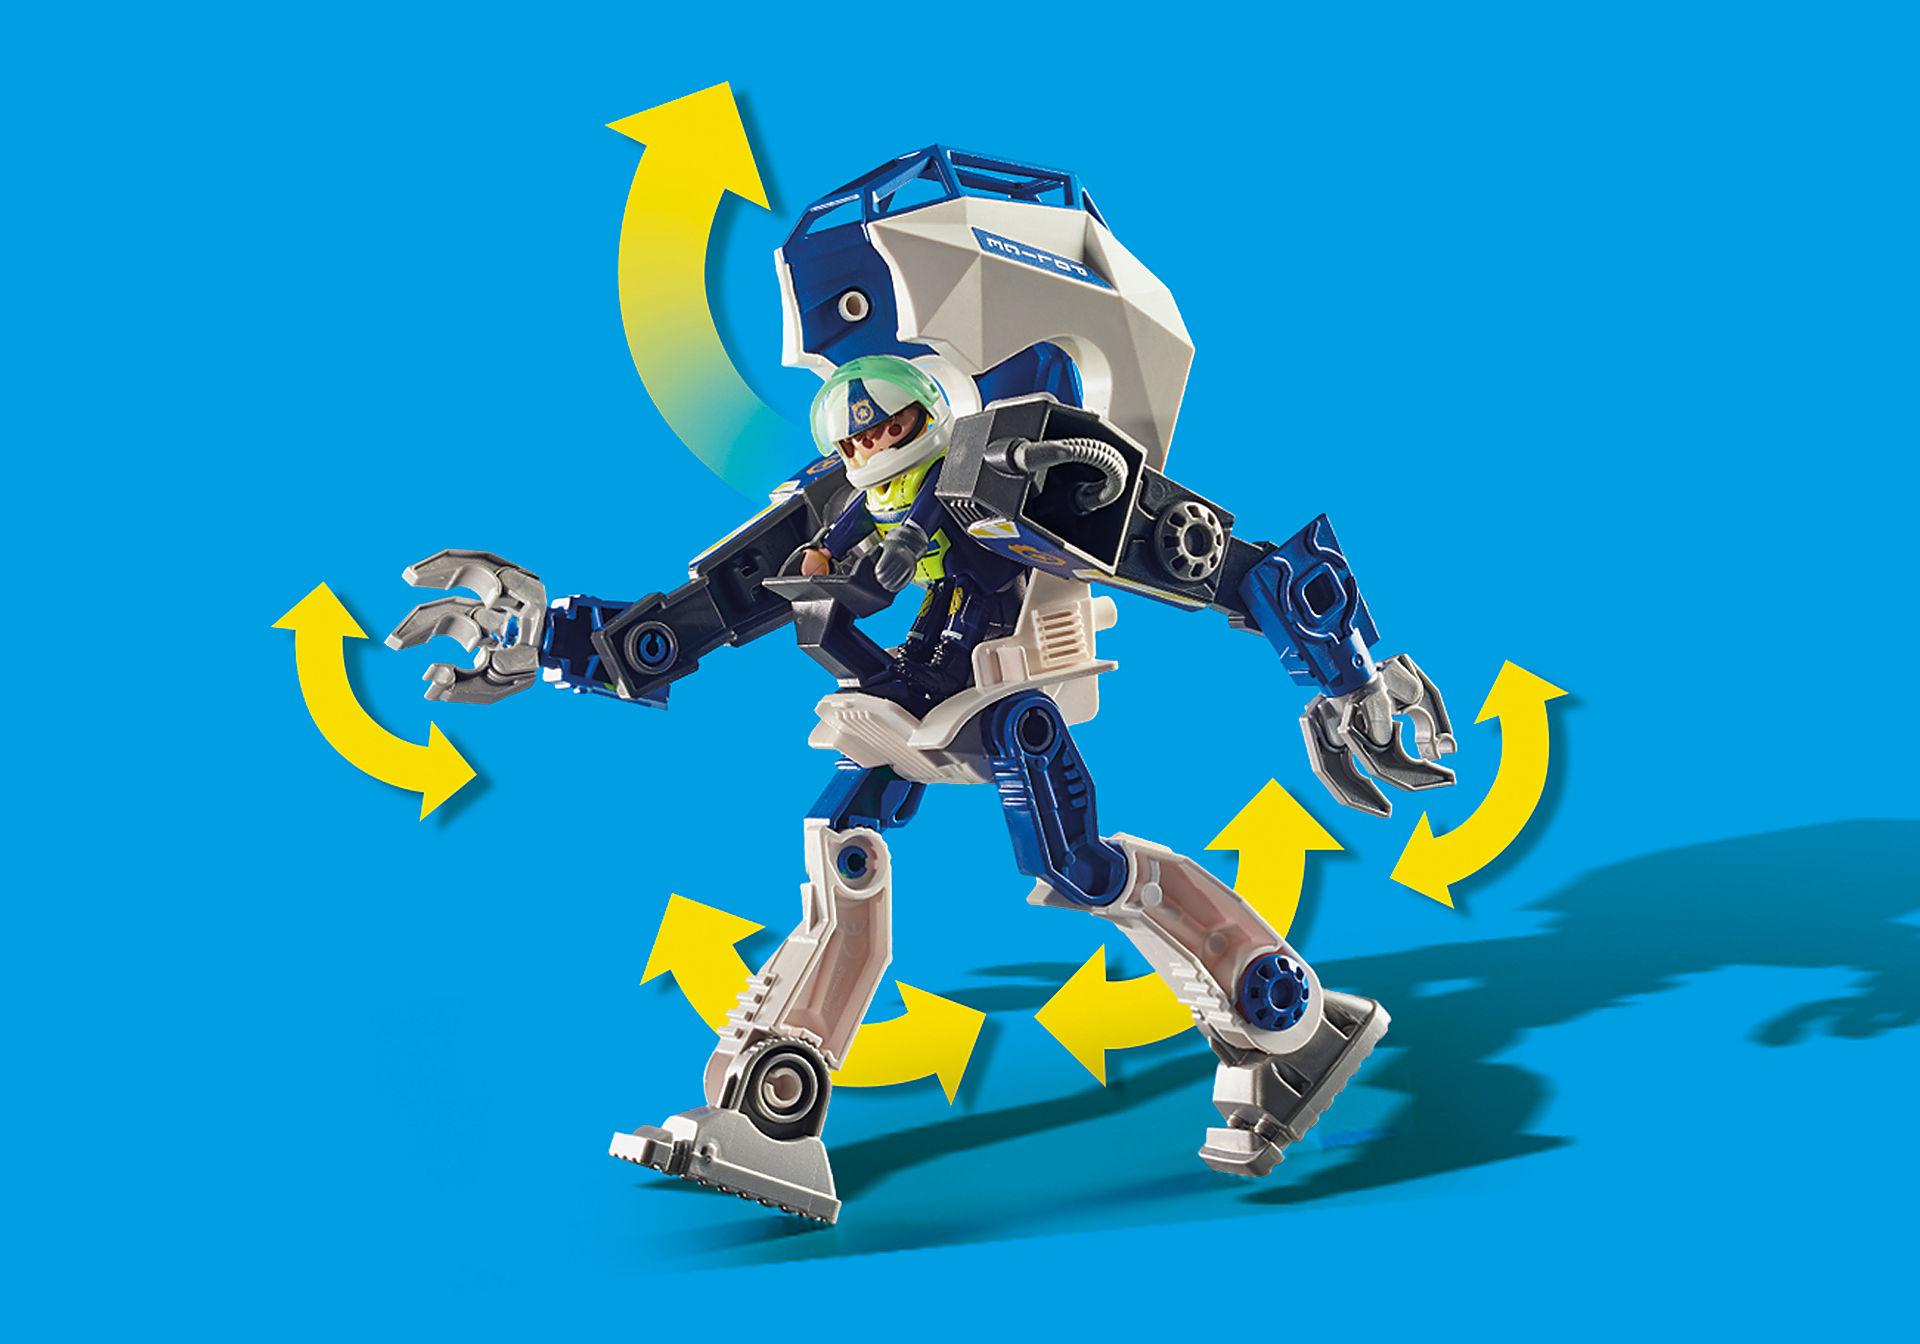 70571 Робот-полицейский: Специальное назначение  zoom image7